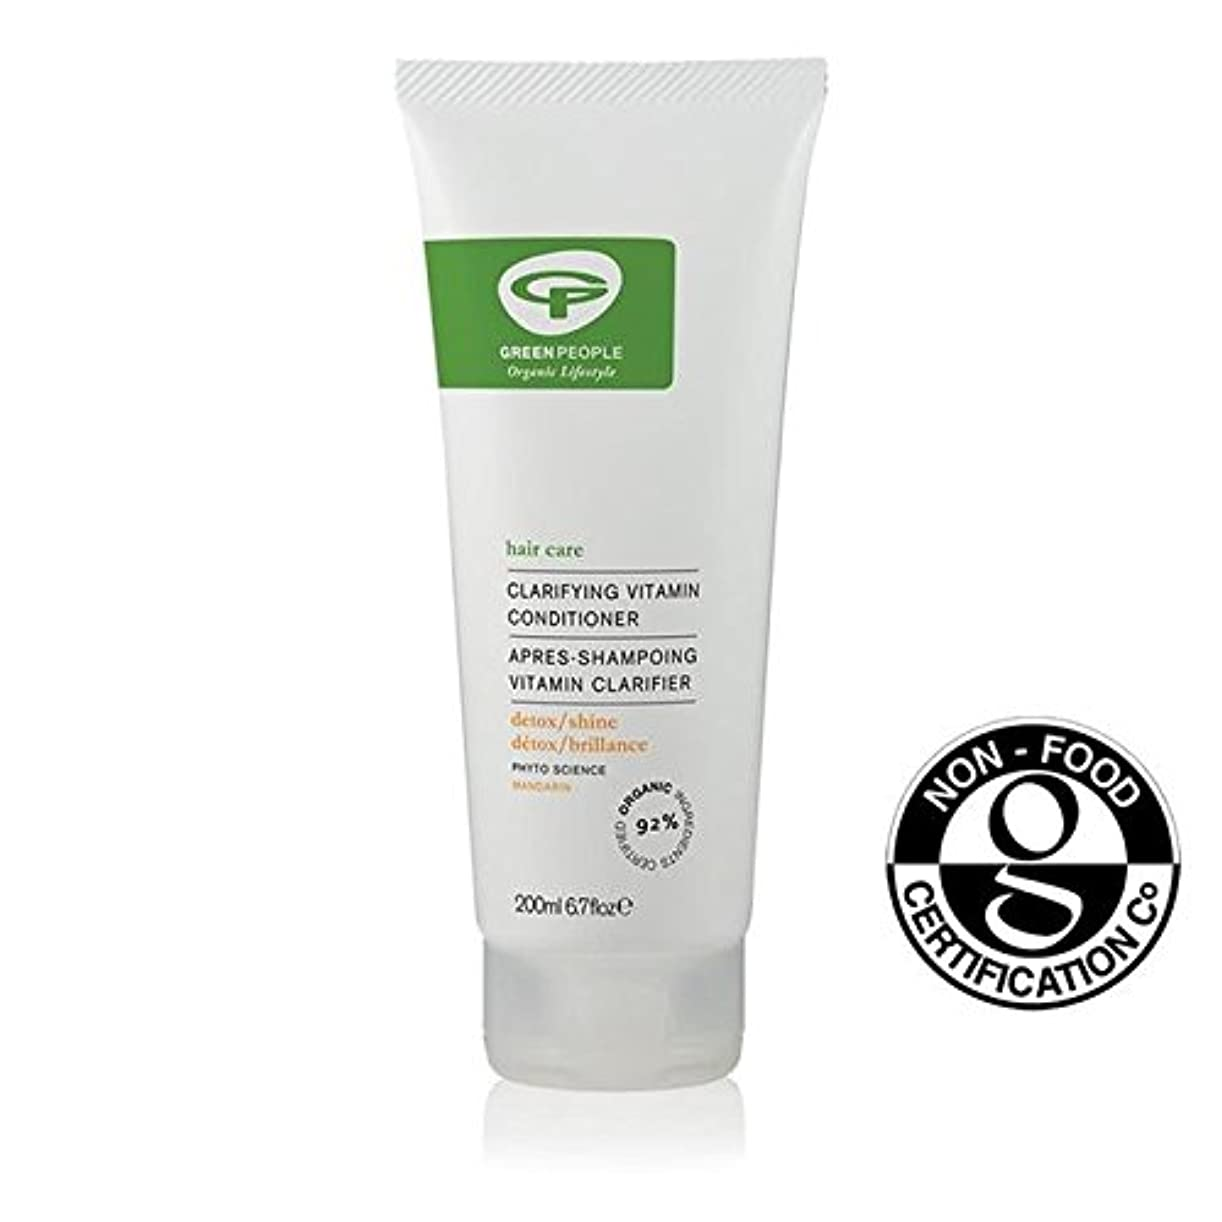 カイウス法王留め金Green People Organic Clarifying Vitamin Conditioner 200ml - 緑の人々の有機明確ビタミンコンディショナー200 [並行輸入品]